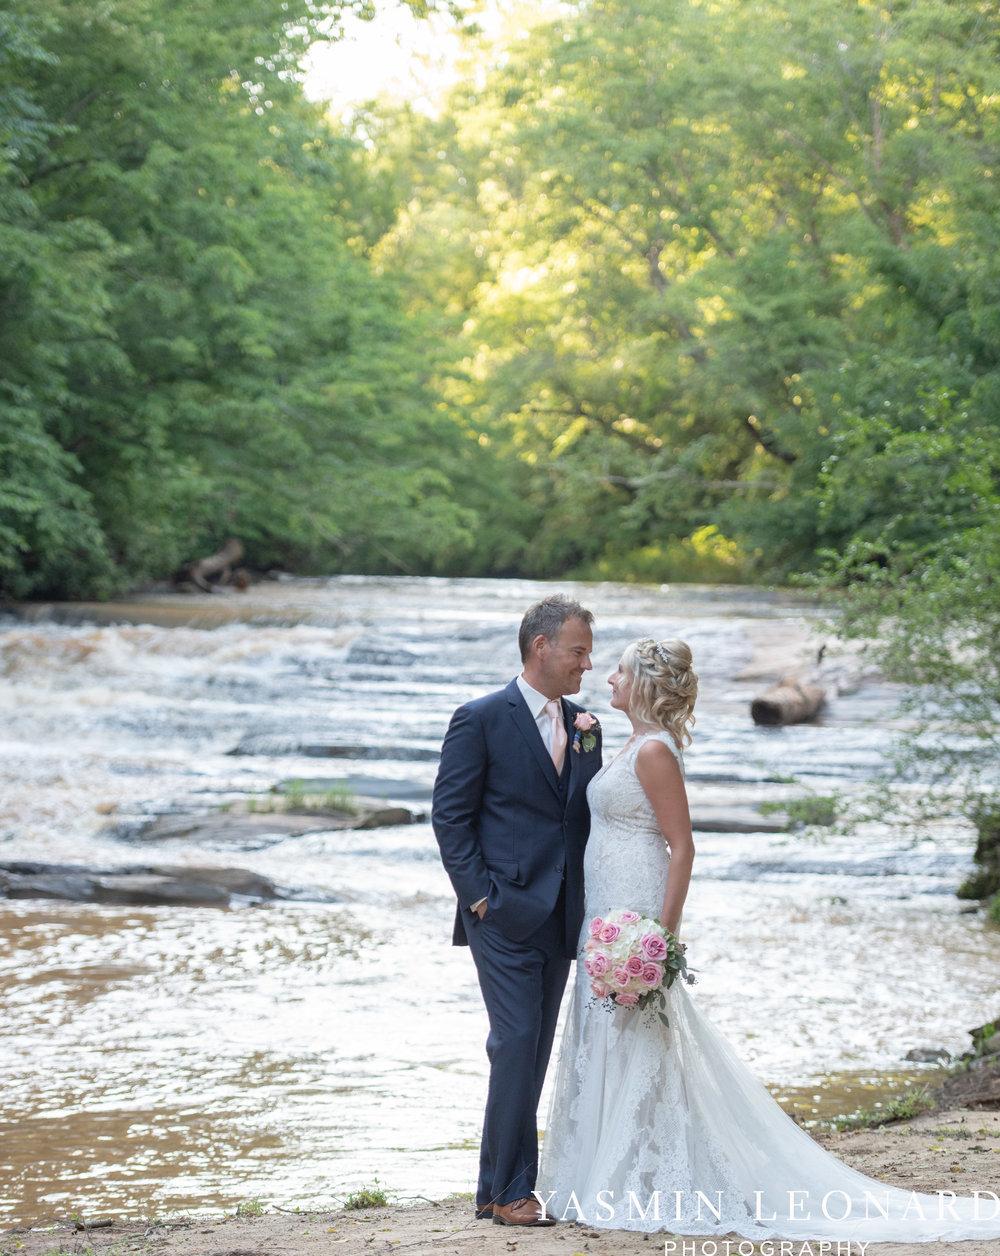 Elkin Creek Vineyard - Elkin Creek Weddings - NC Wine - NC Wineries - NC Weddings - NC Photographers - NC Wedding Photographer - NC Winery Wedding Ideas - Yasmin Leonard Photography - High Point Wedding Photographer-65.jpg